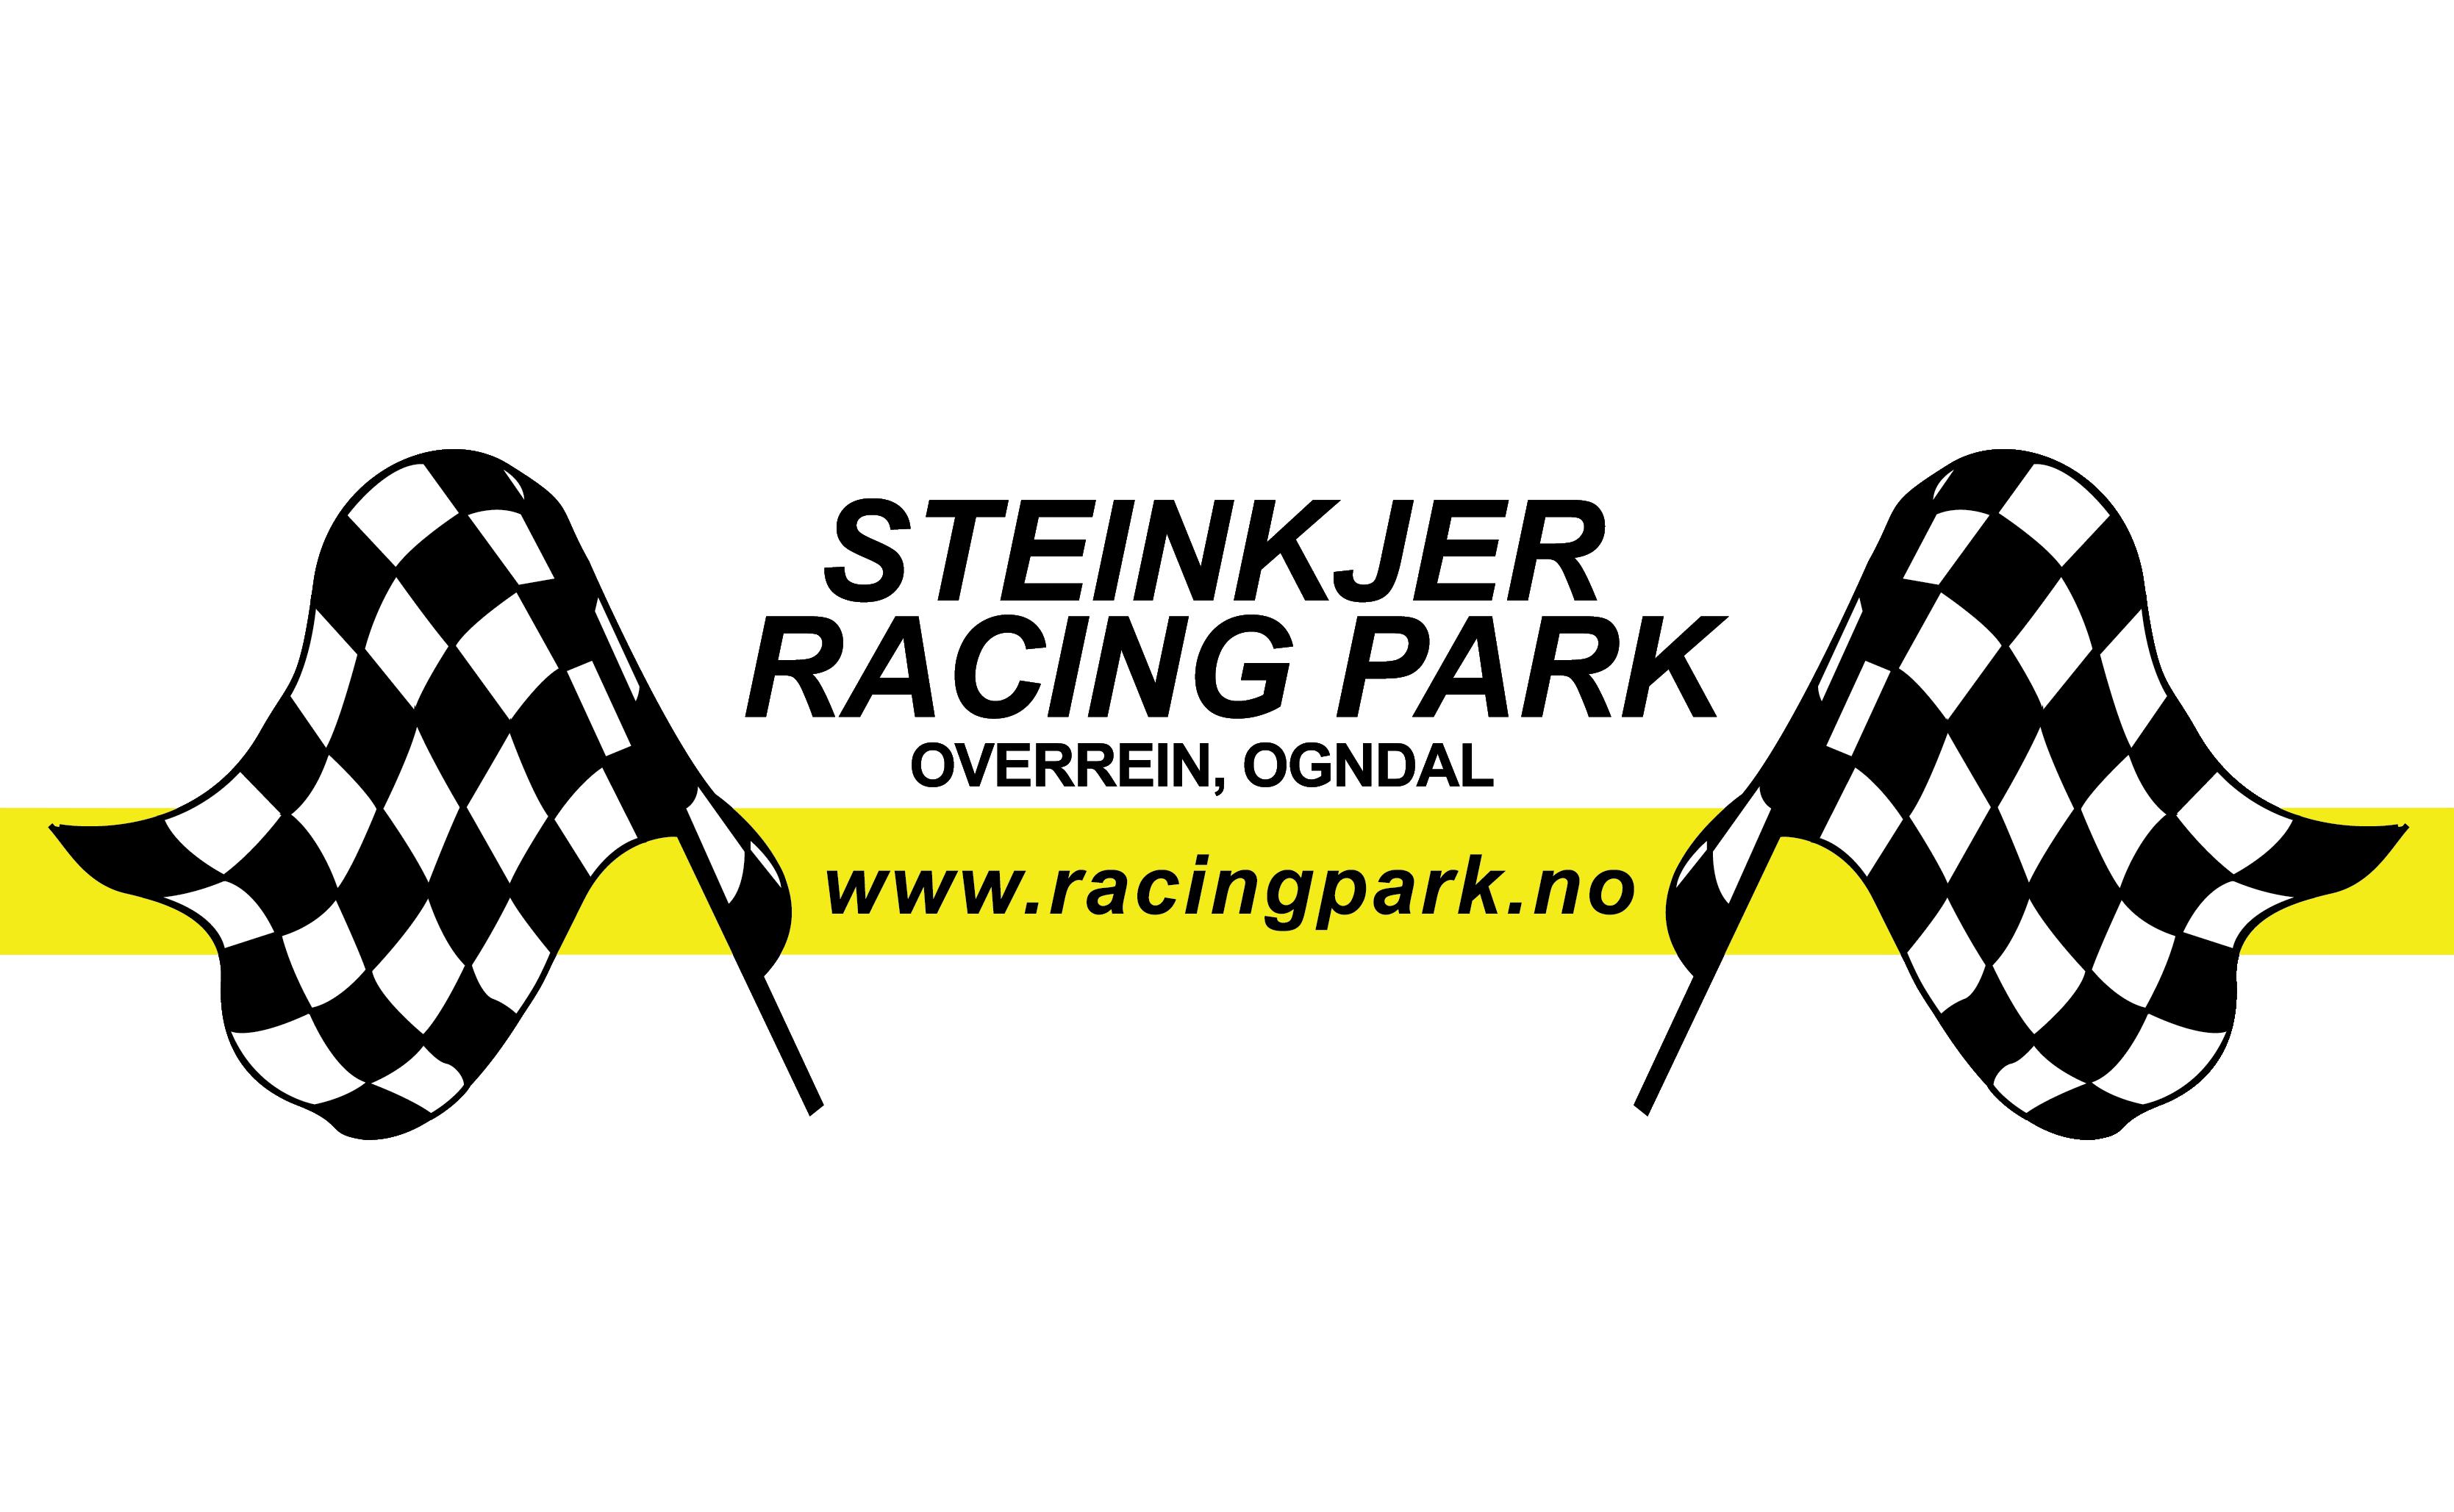 Racingpark.no